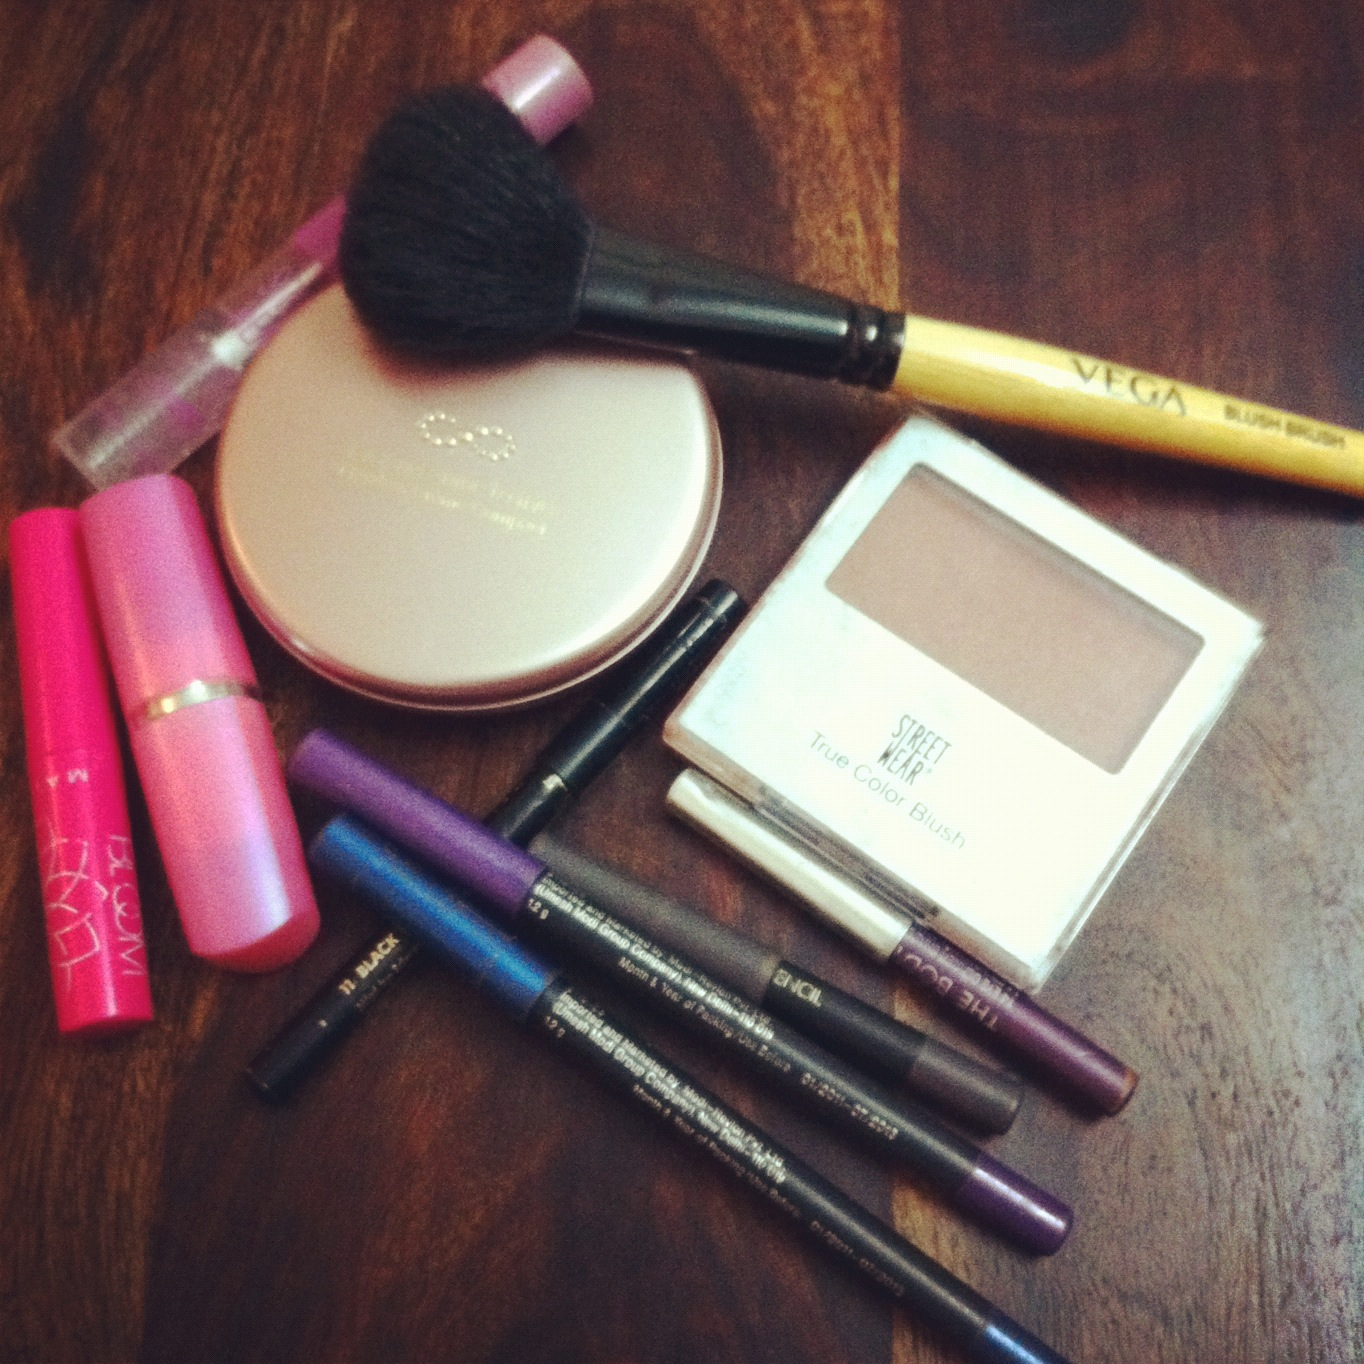 http://4.bp.blogspot.com/-KTlBtwcS5nA/UB7GPwnKyMI/AAAAAAAABOo/Yg7-nTZfbdE/s1600/makeup.jpg